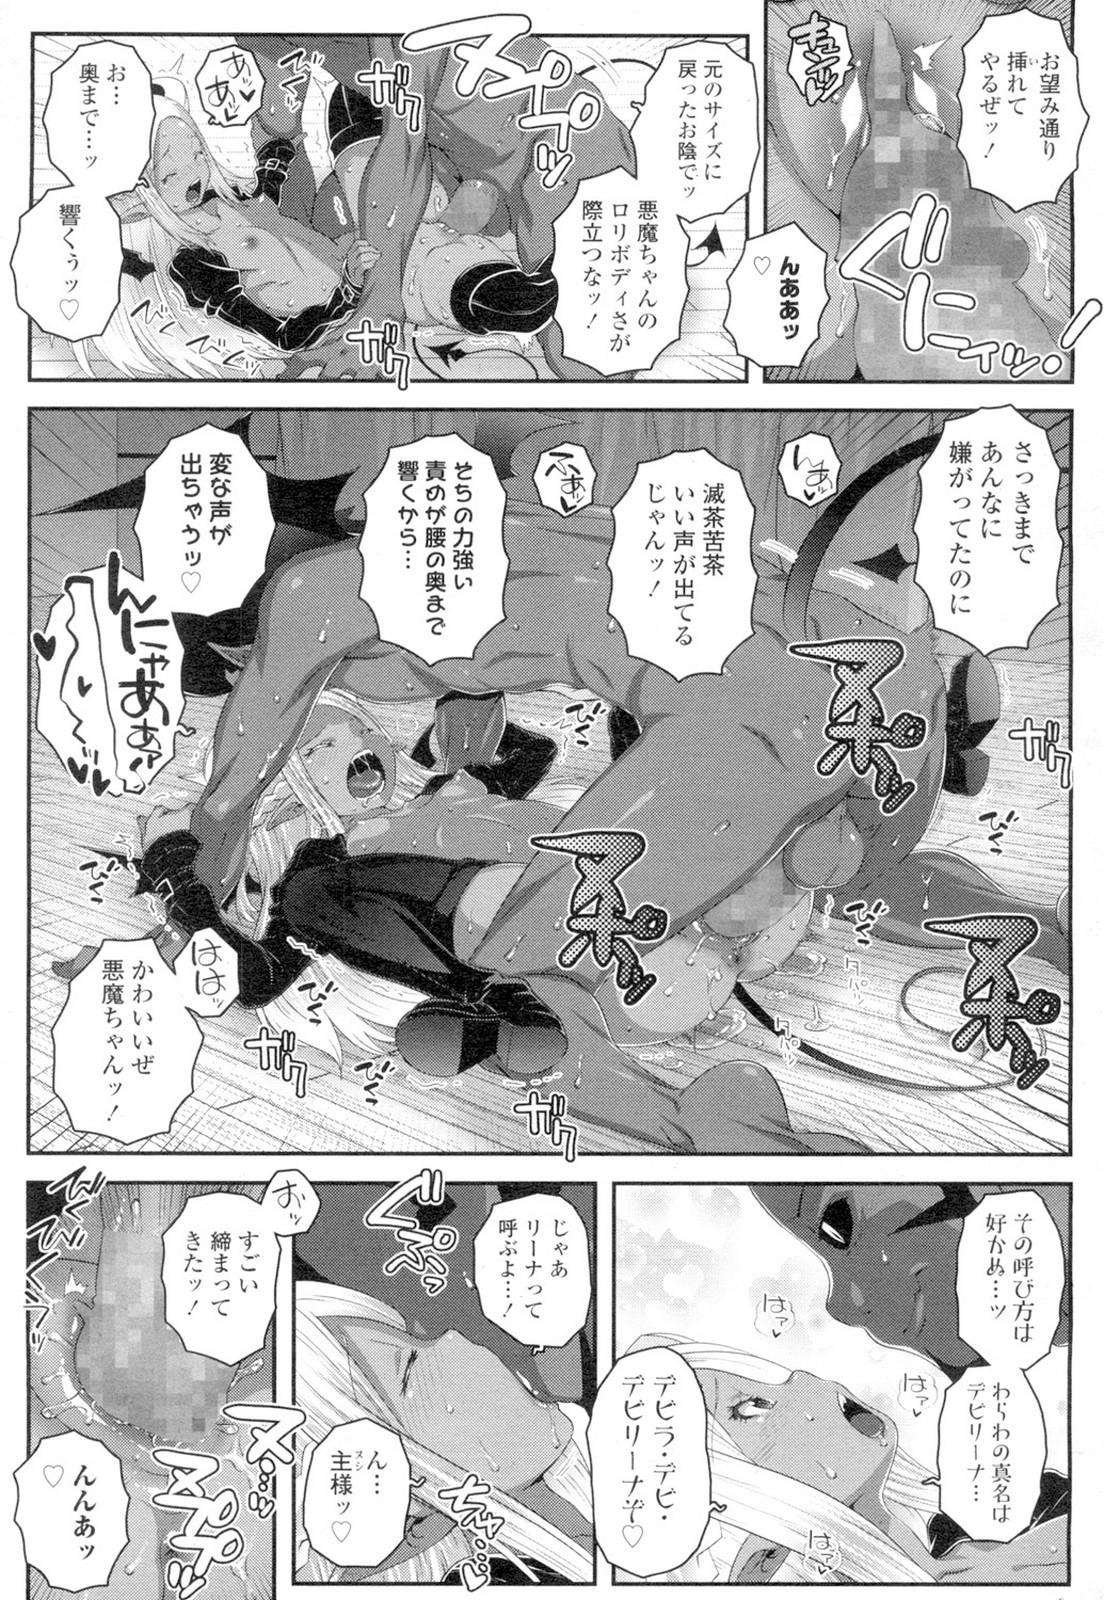 【エロ漫画】褐色金髪の悪魔ッ娘…童貞の魂を食べようとしたら逆に襲われ辱めを受けるwww【無道叡智:DEVIL`s BORN】